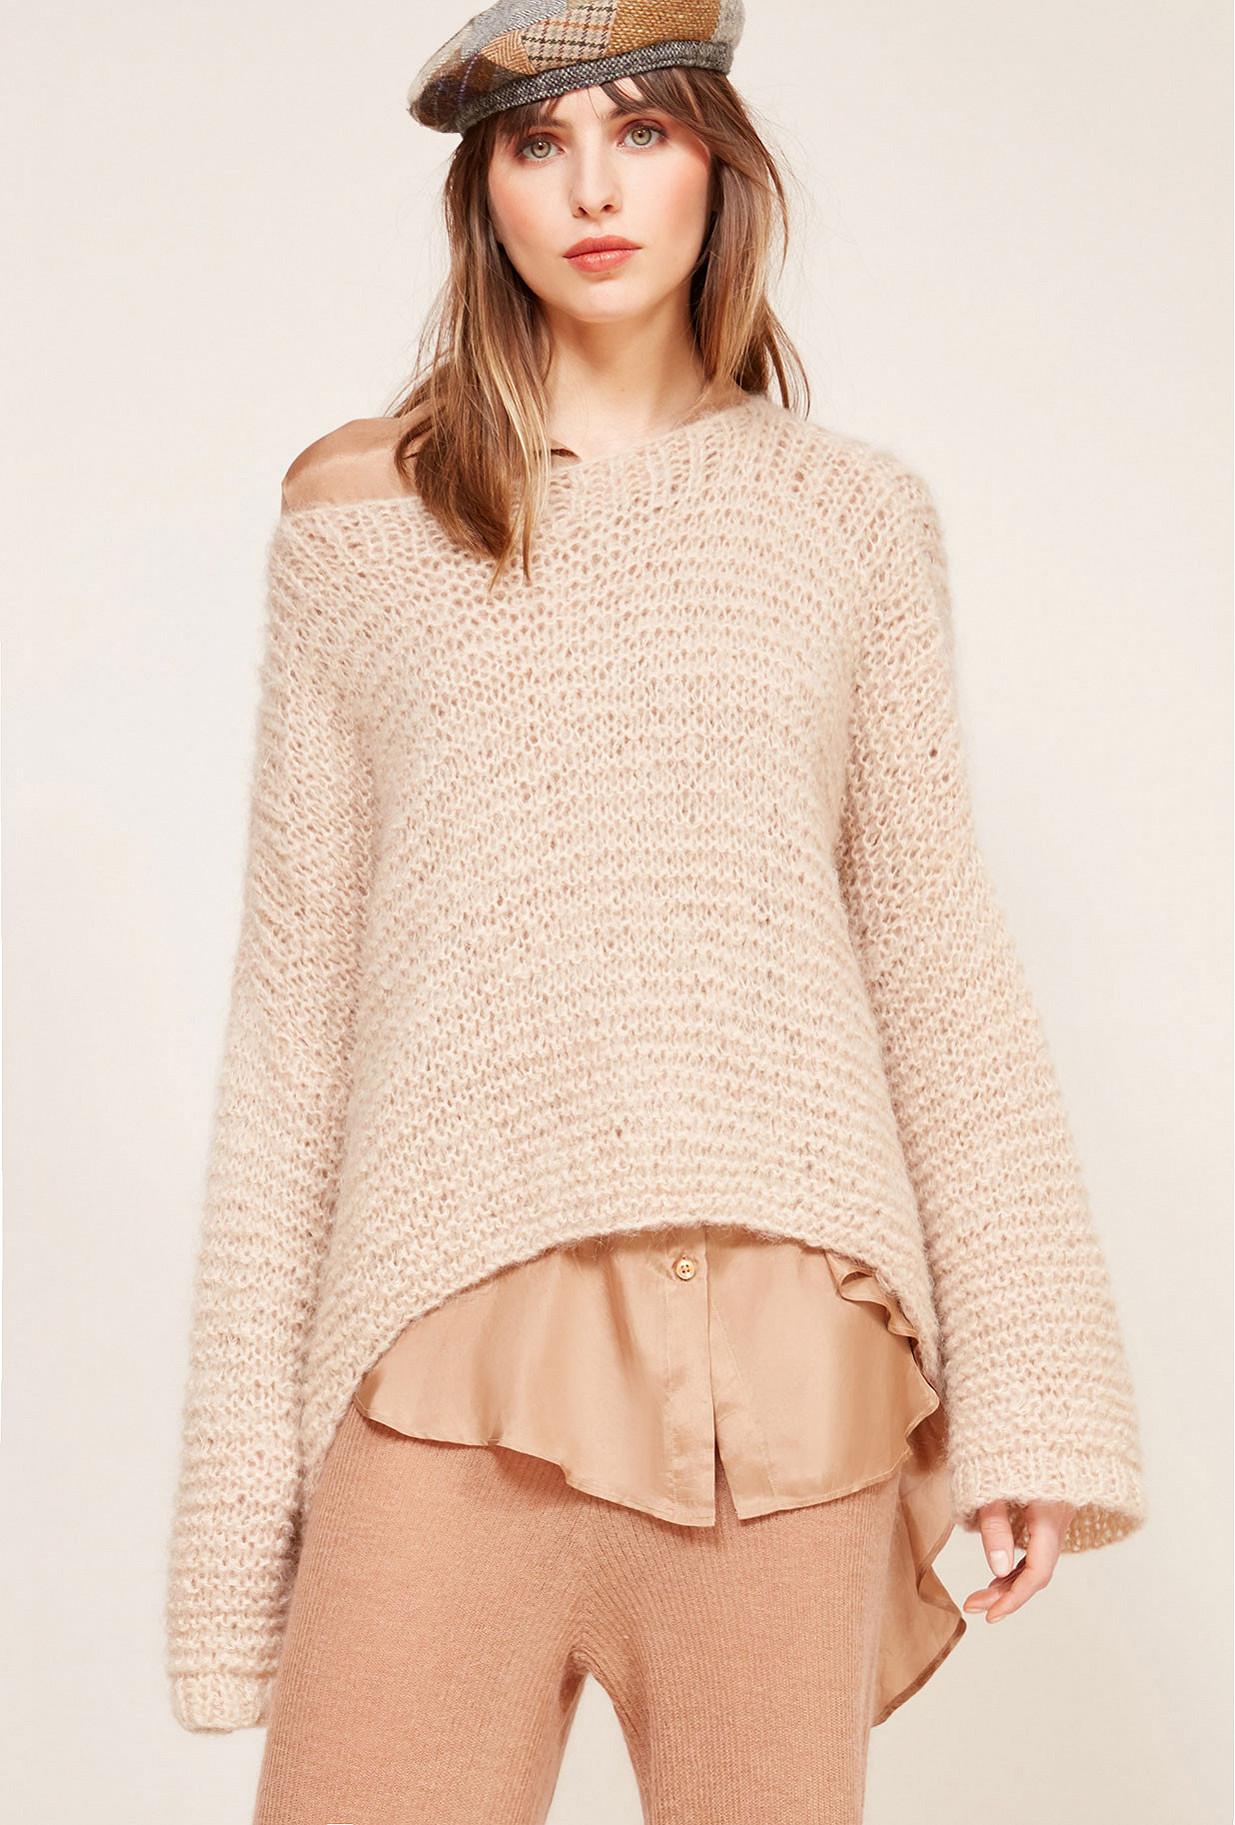 Paris boutique de mode vêtement Pull créateur bohème  Crecelle